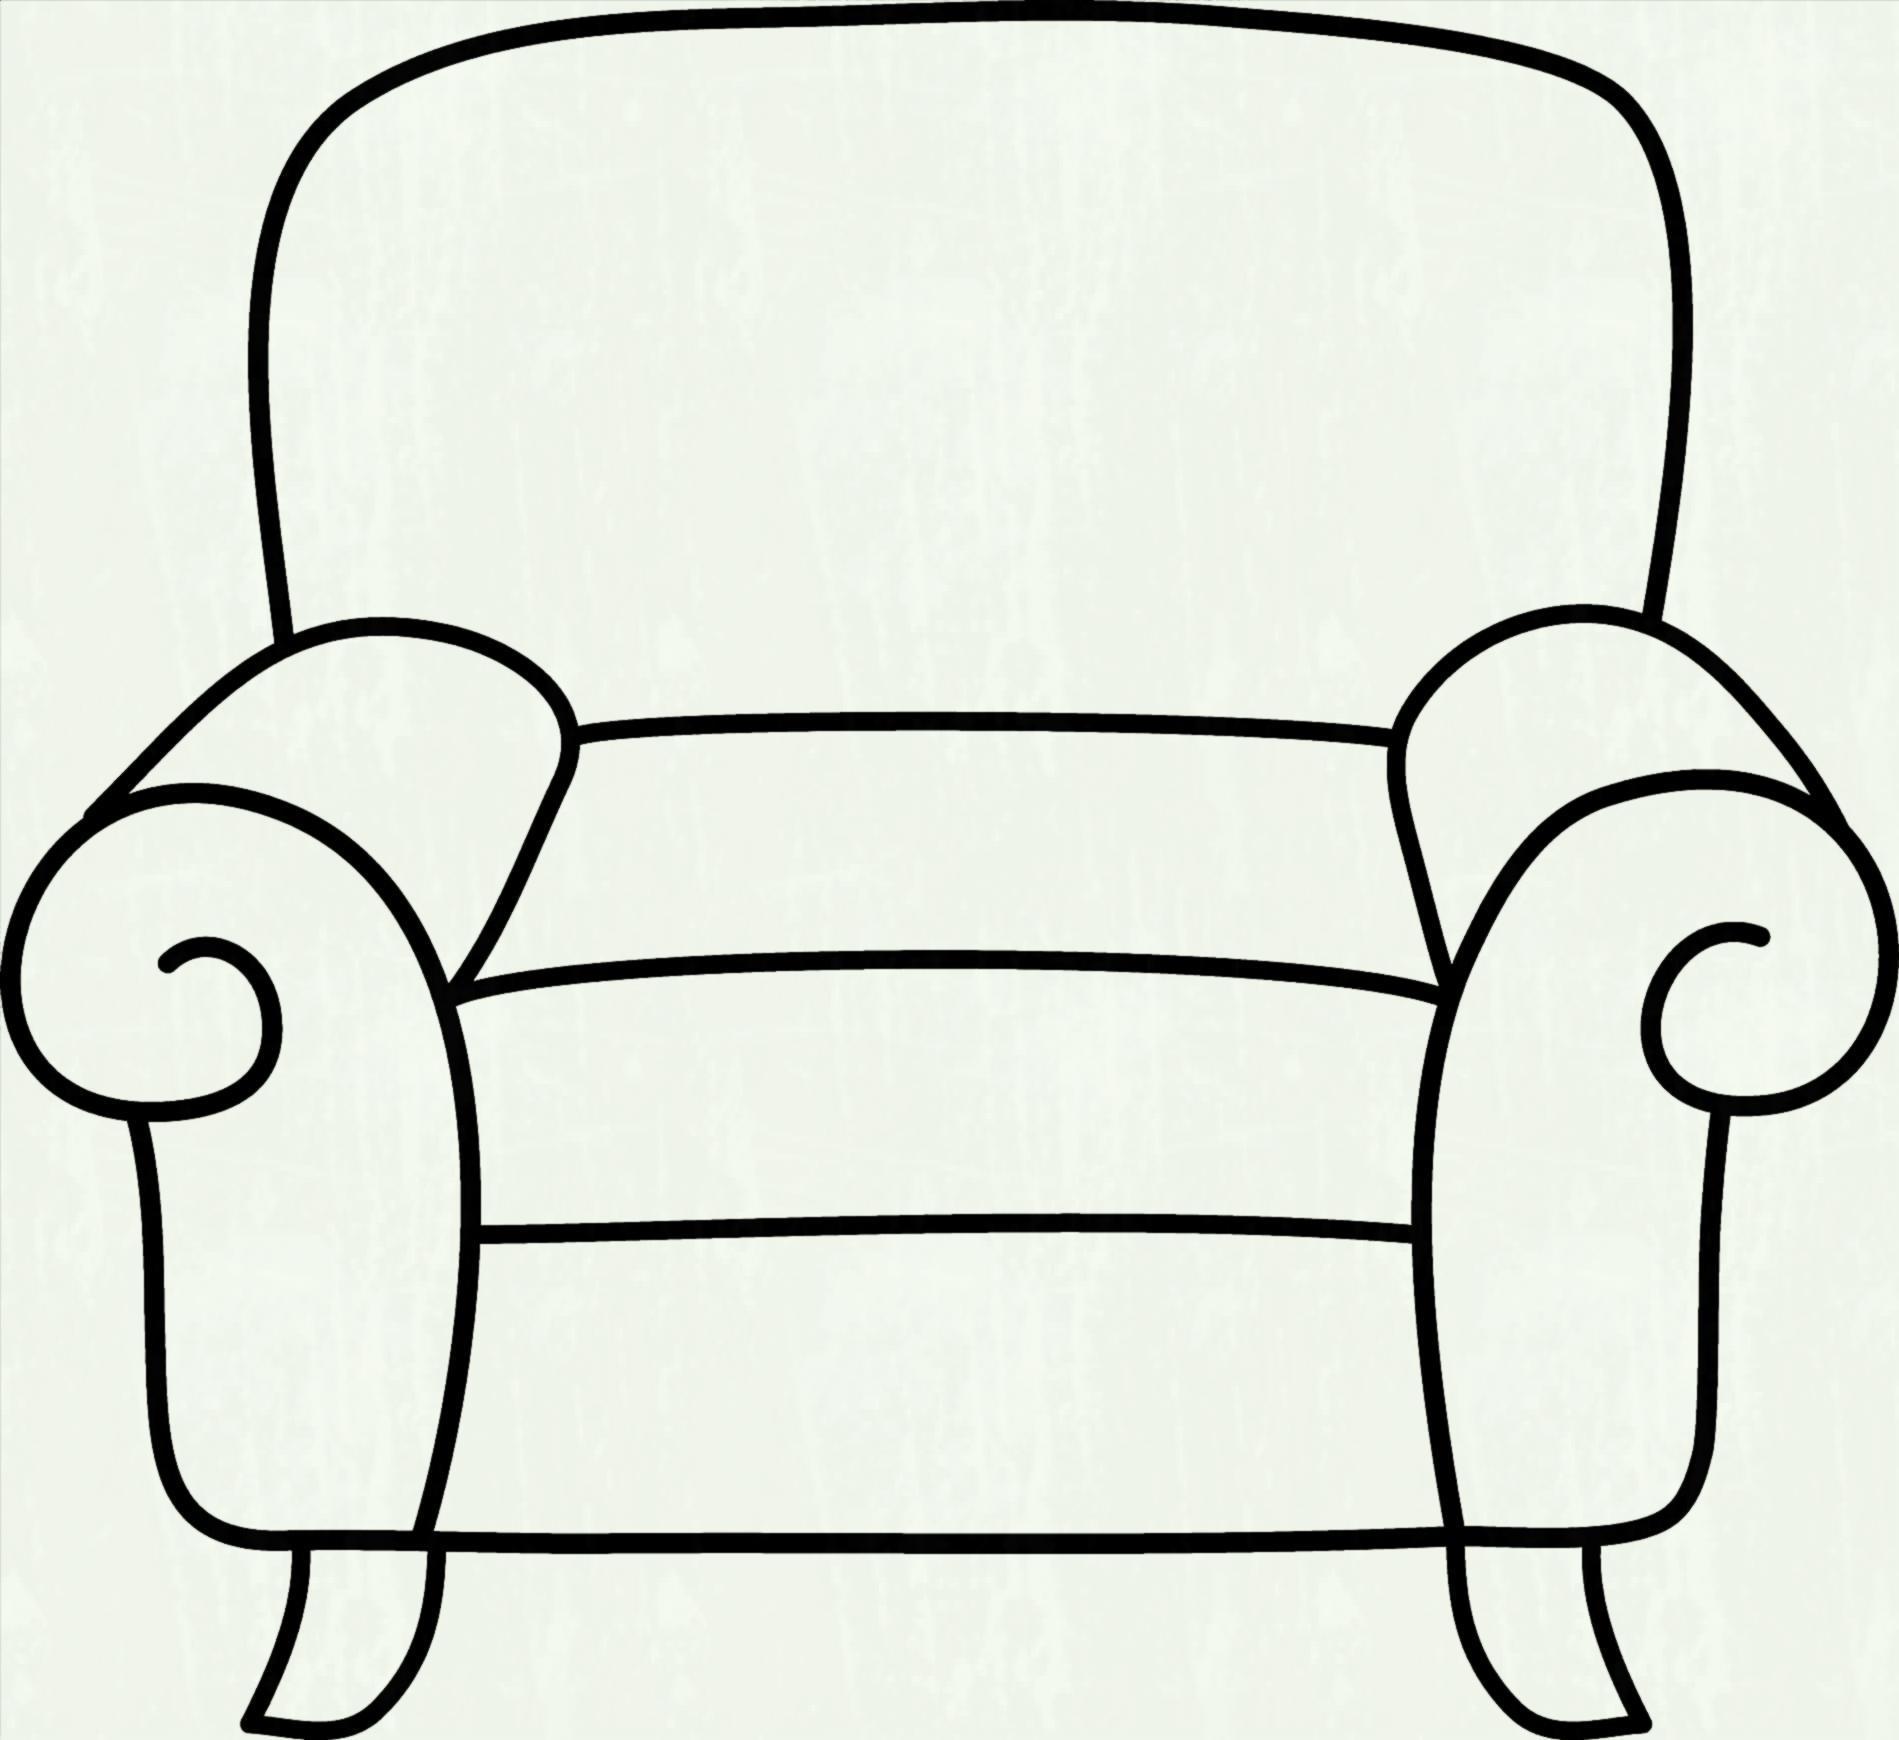 Chair white clipart clip art download Chair black and white clipart 4 » Clipart Portal clip art download